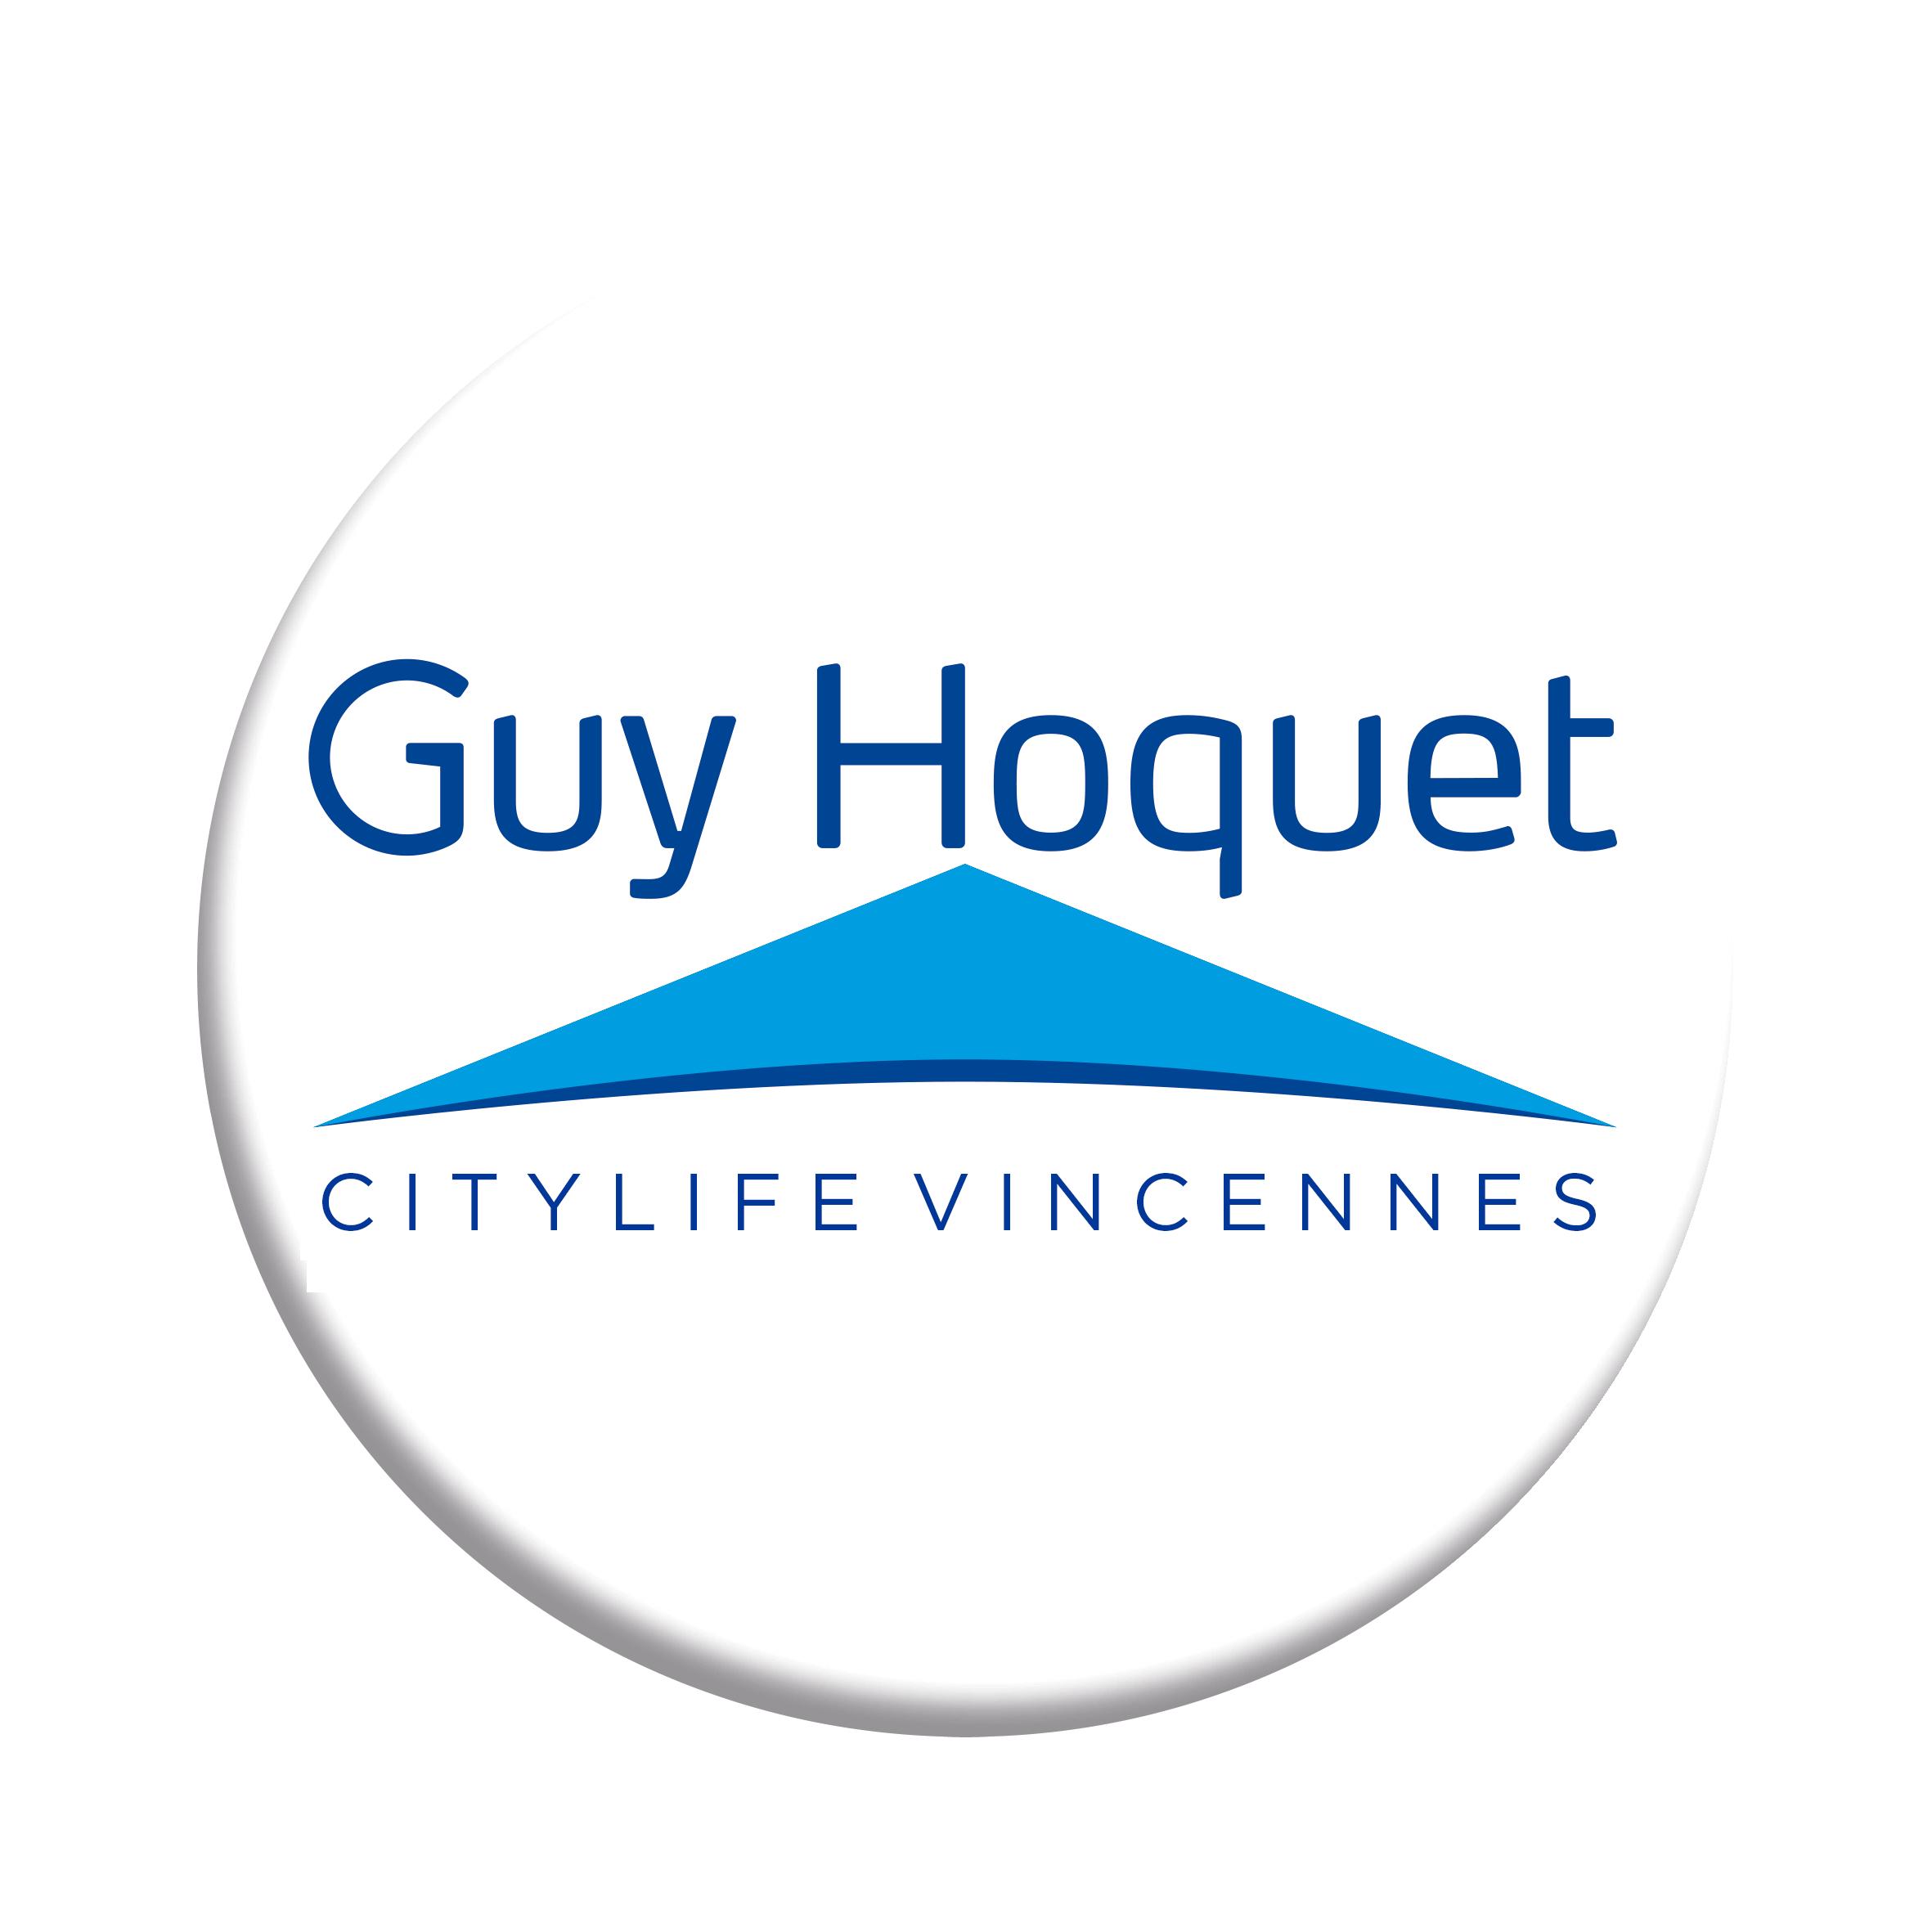 Image de l'agence Guy Hoquet CityLife - Vincennes